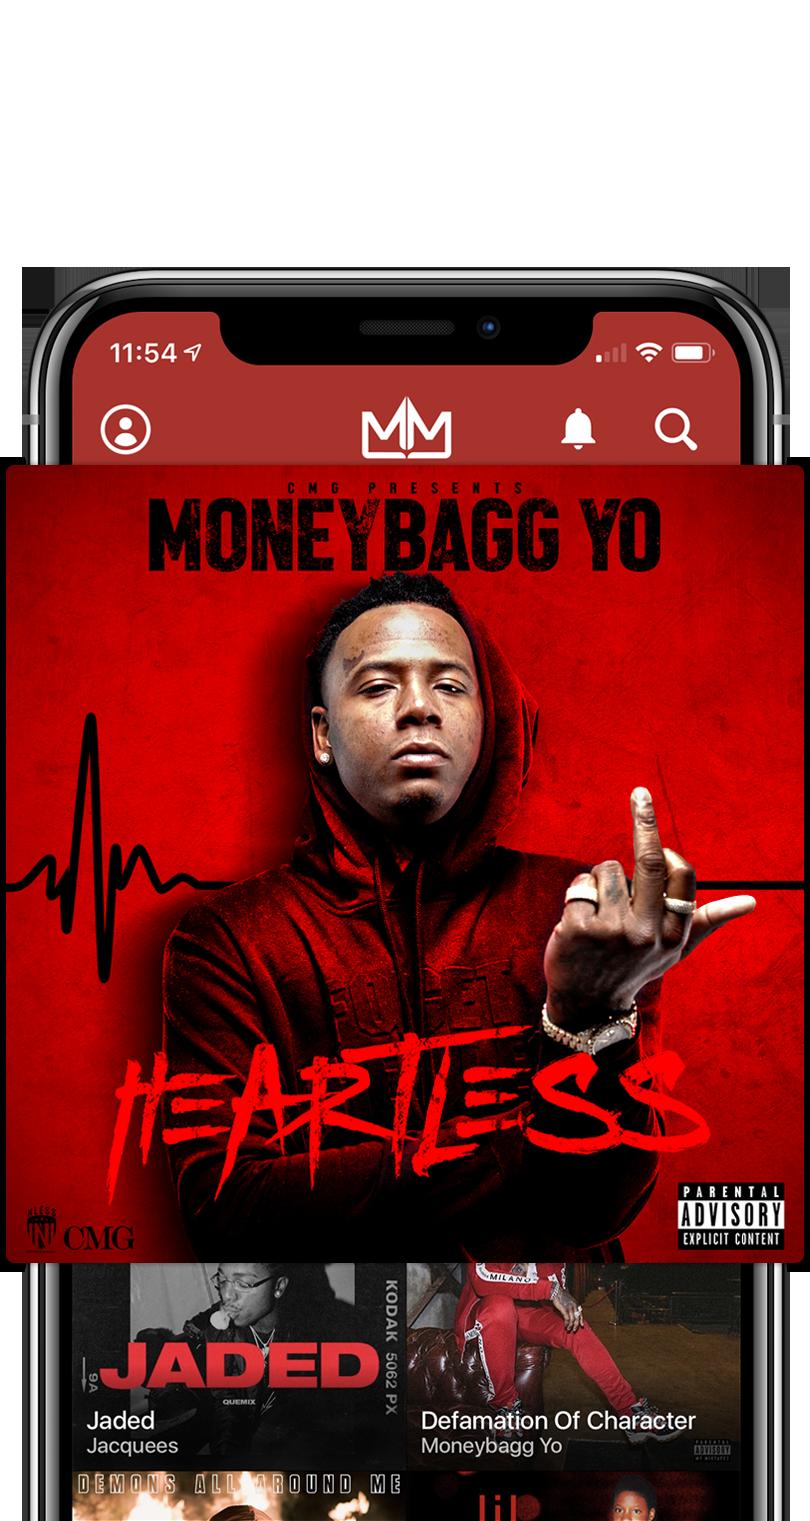 mediakit my mixtapez